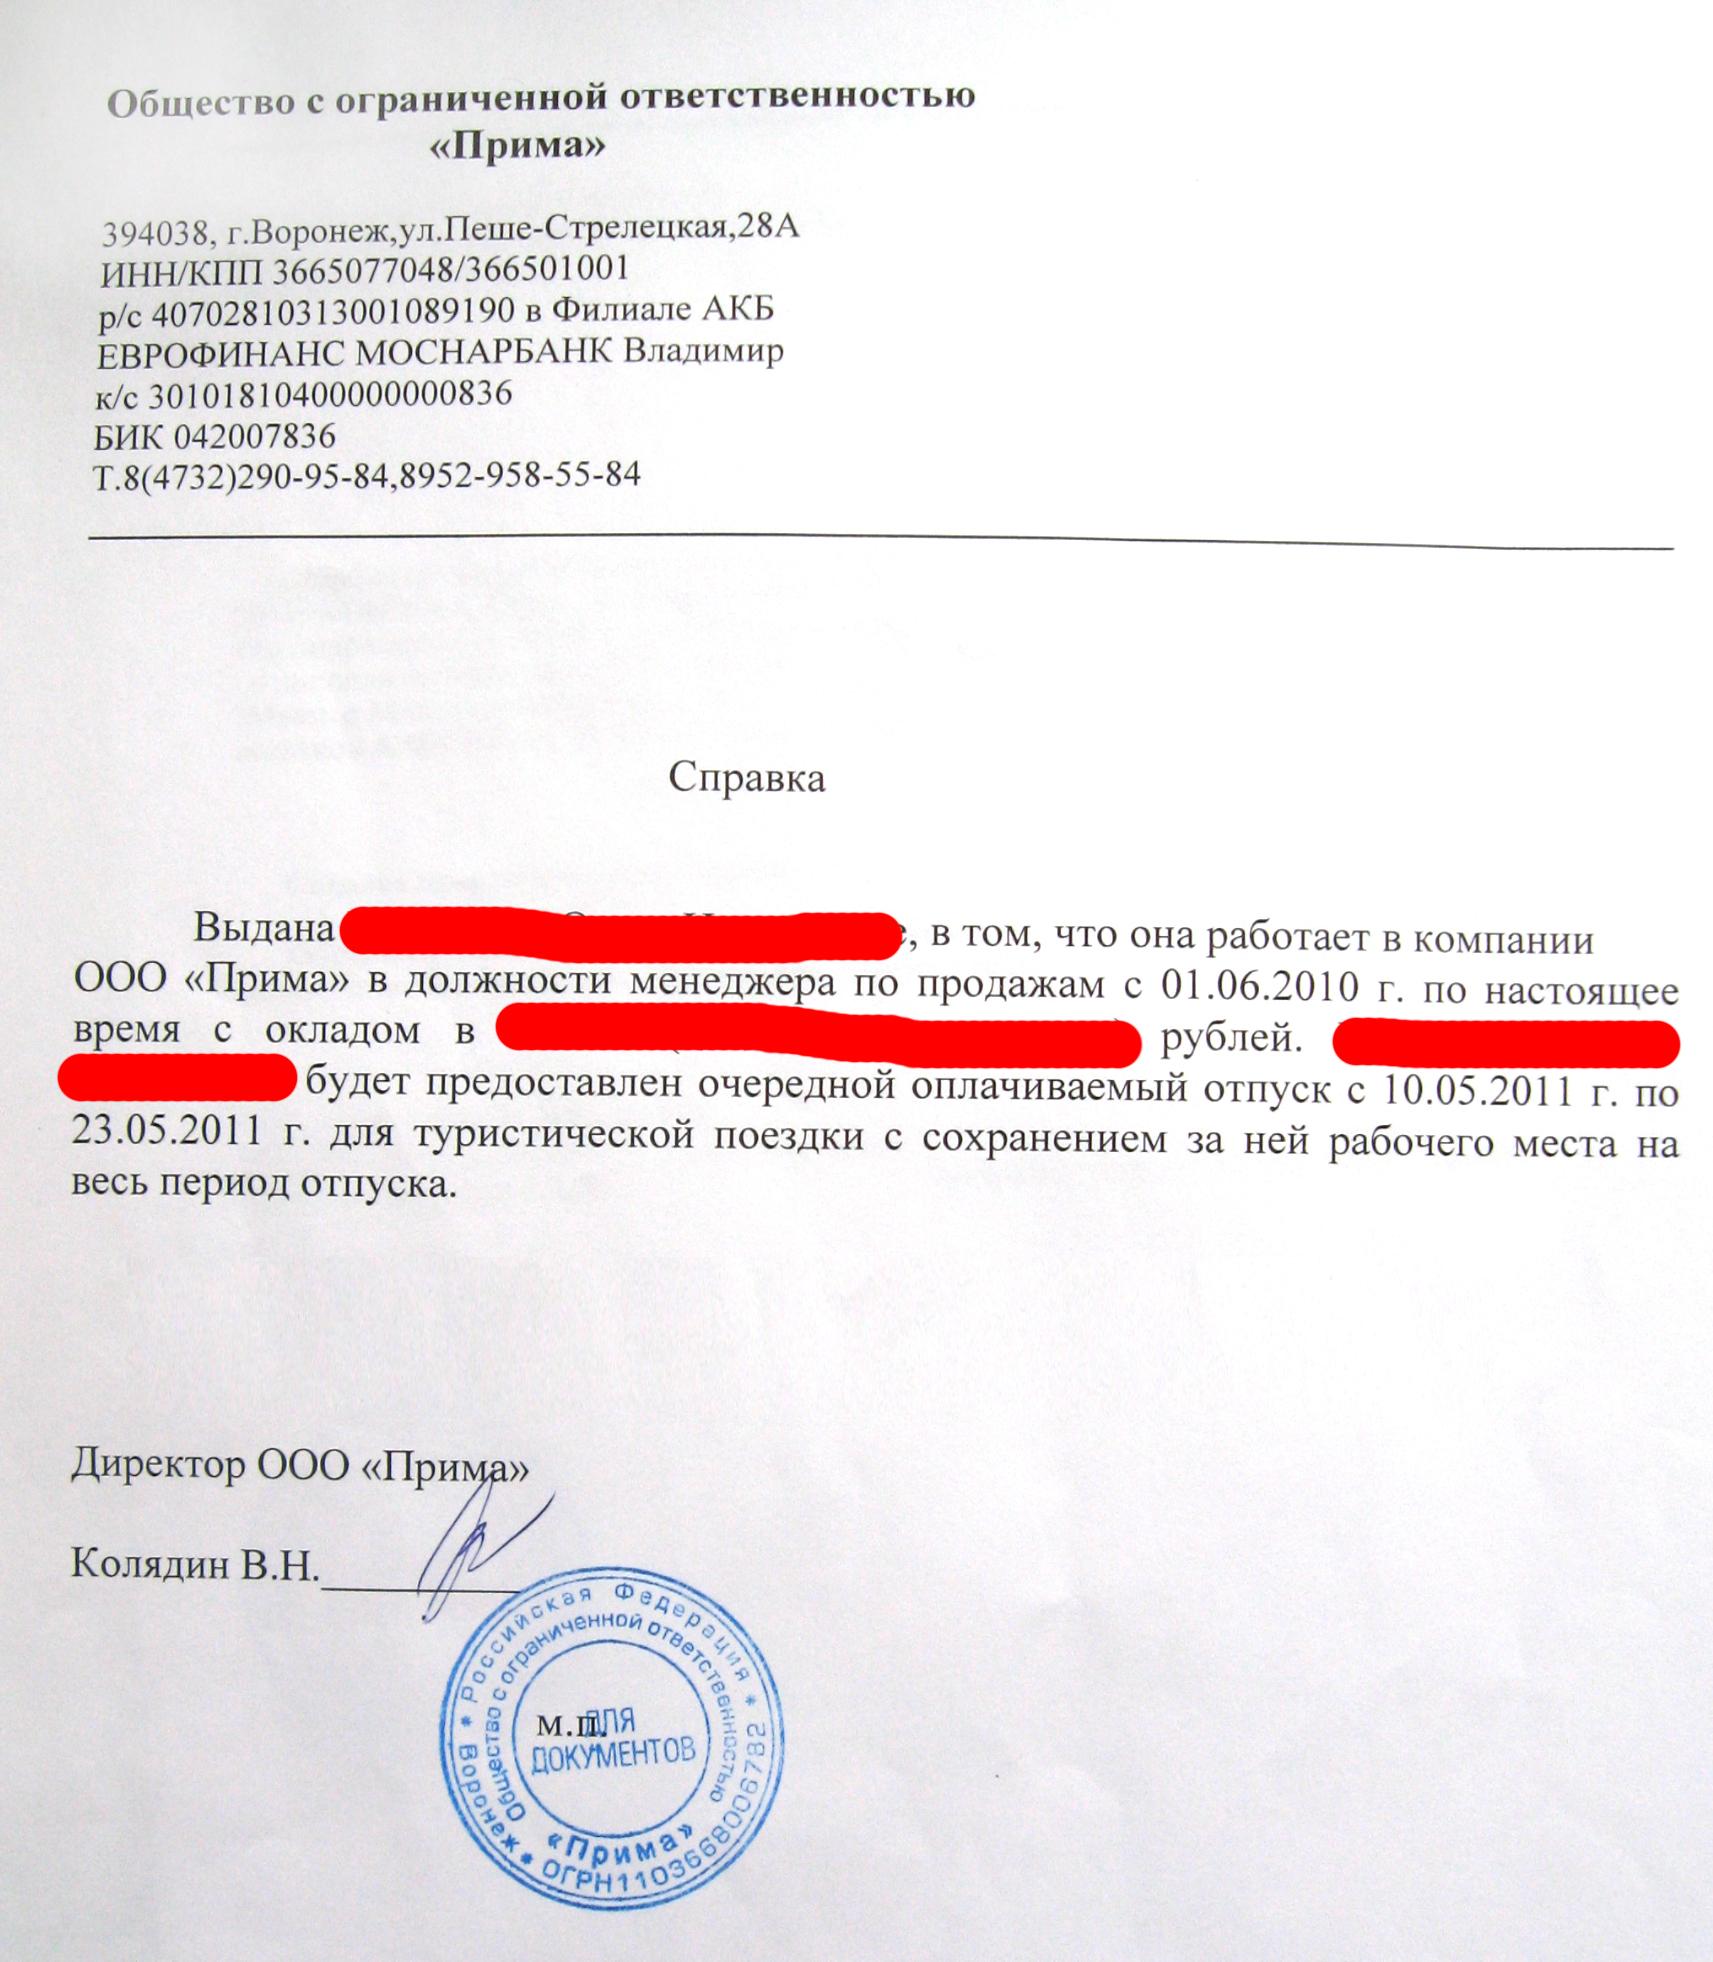 Справка для посольства на визу из банка образец содержание трудового договора